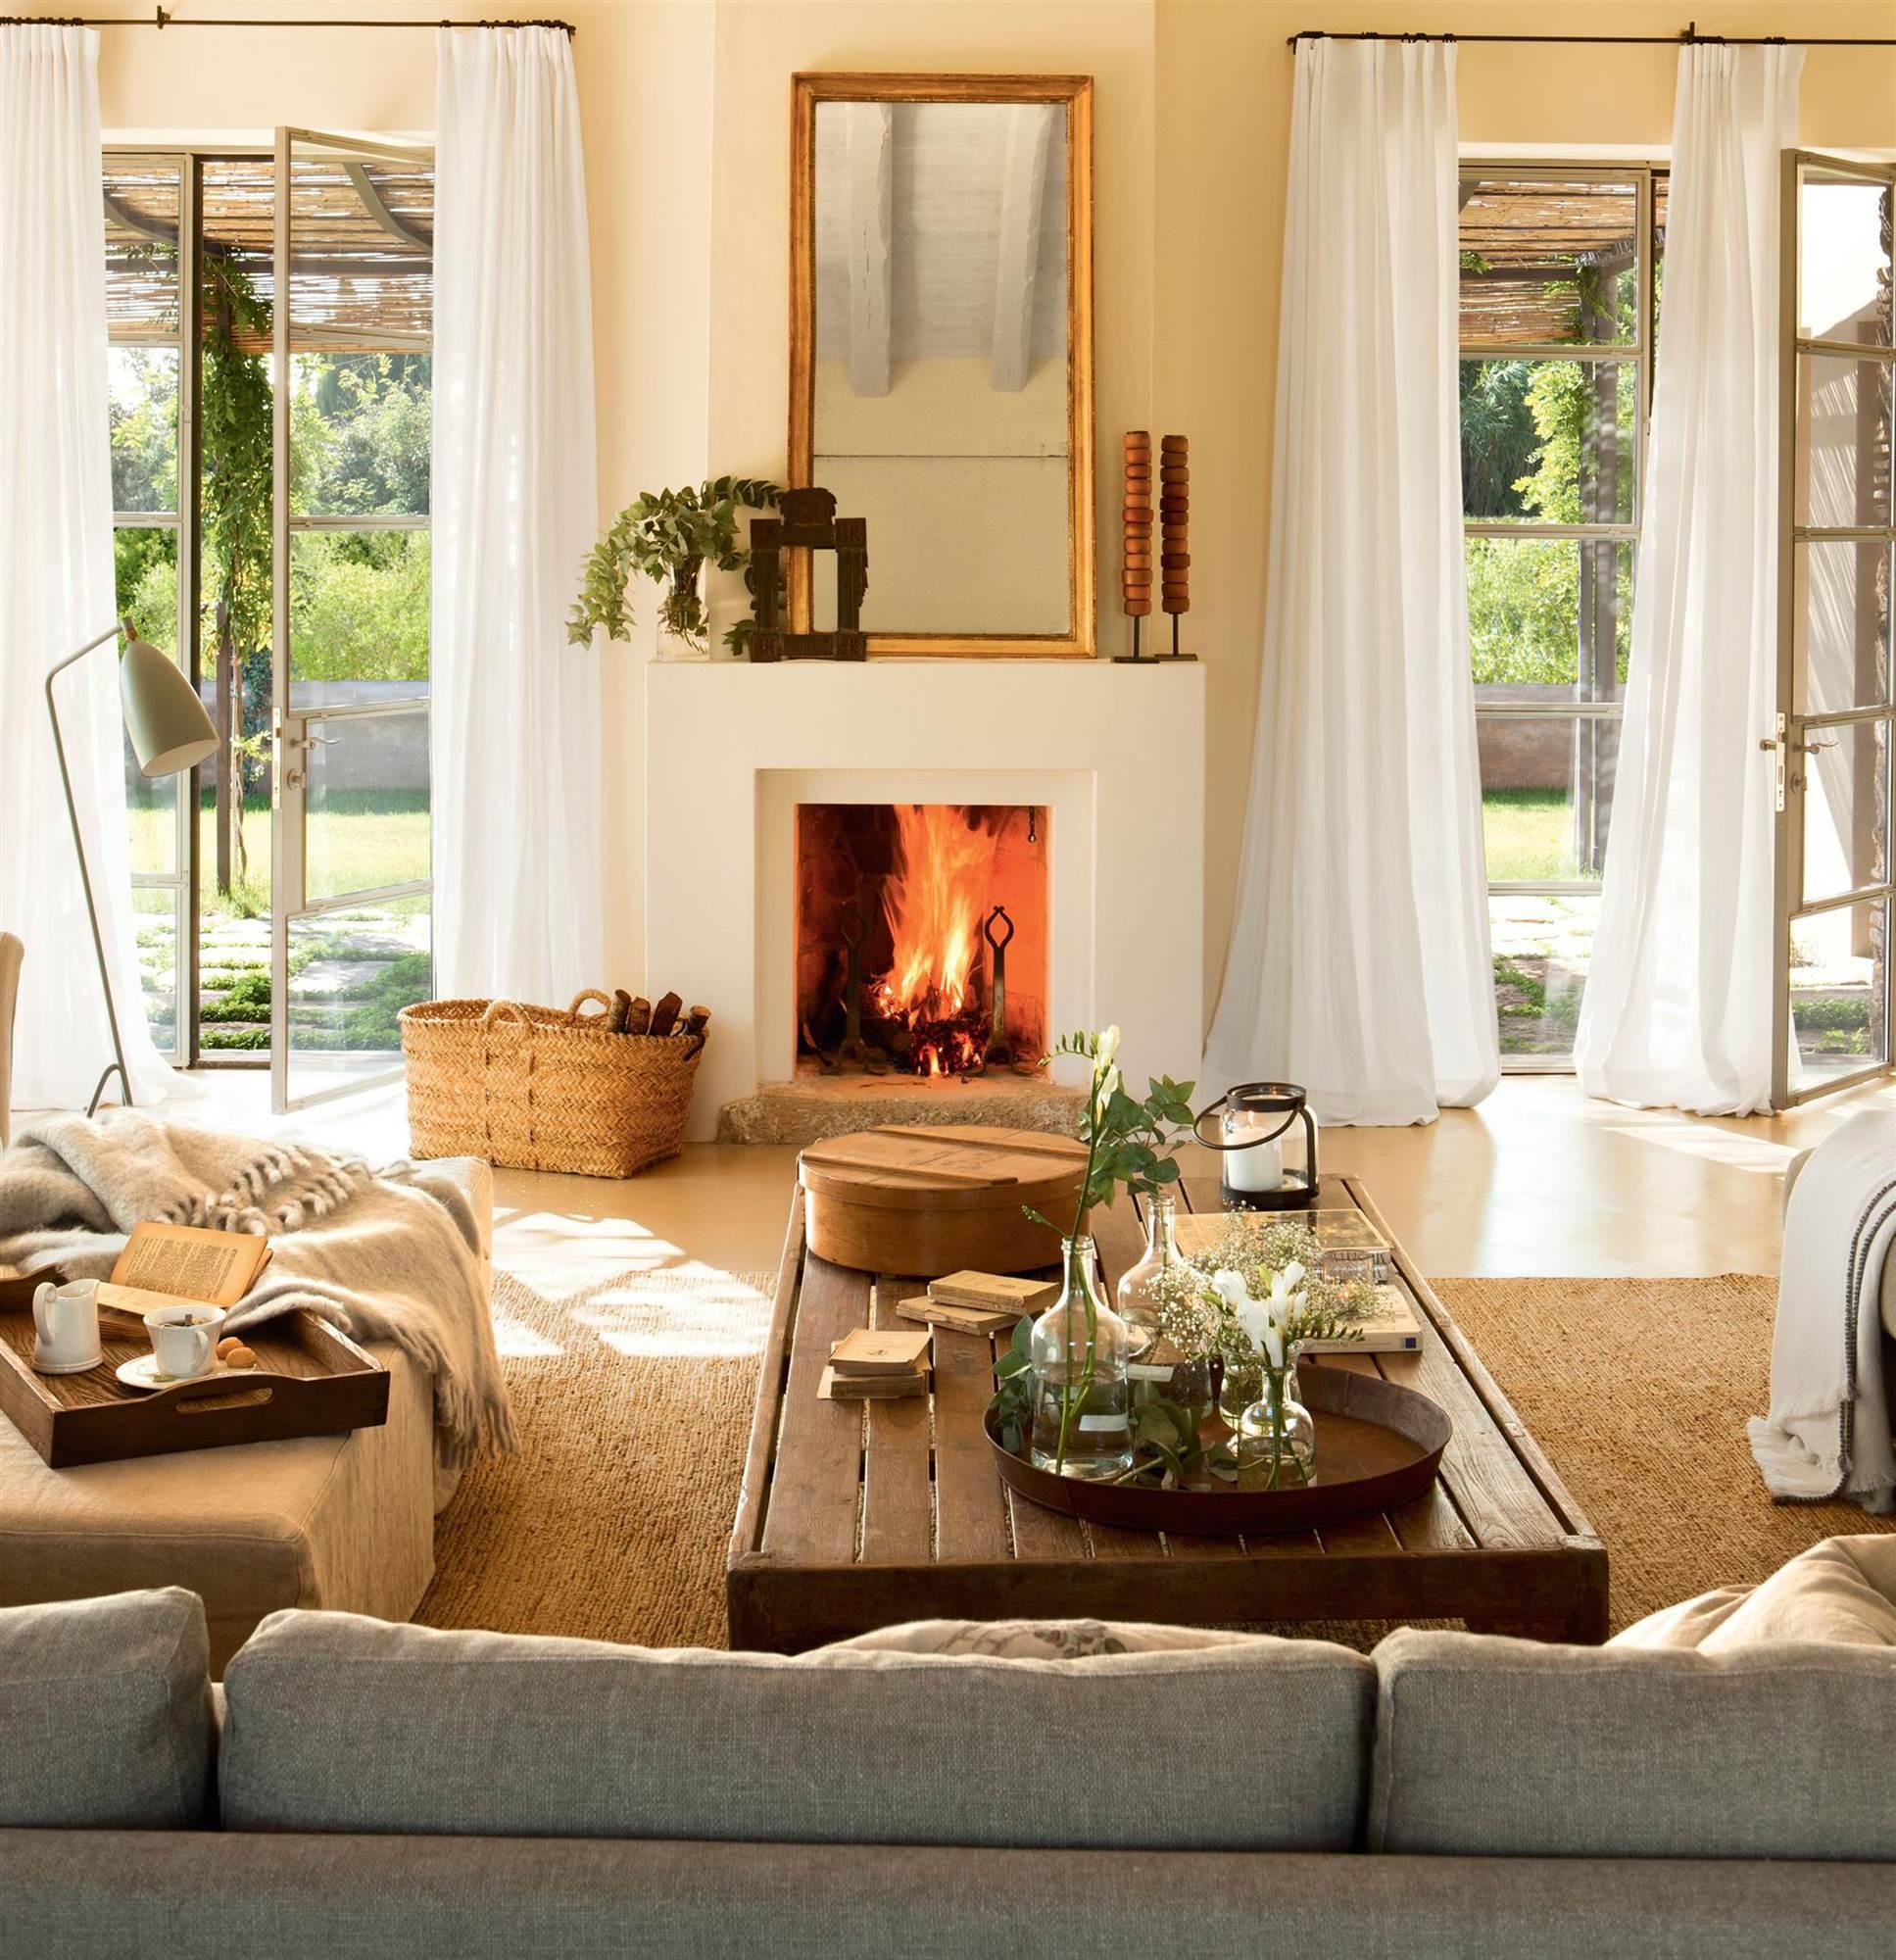 Ventajas de tener una chimenea en casa for Espejos decorativos para chimeneas